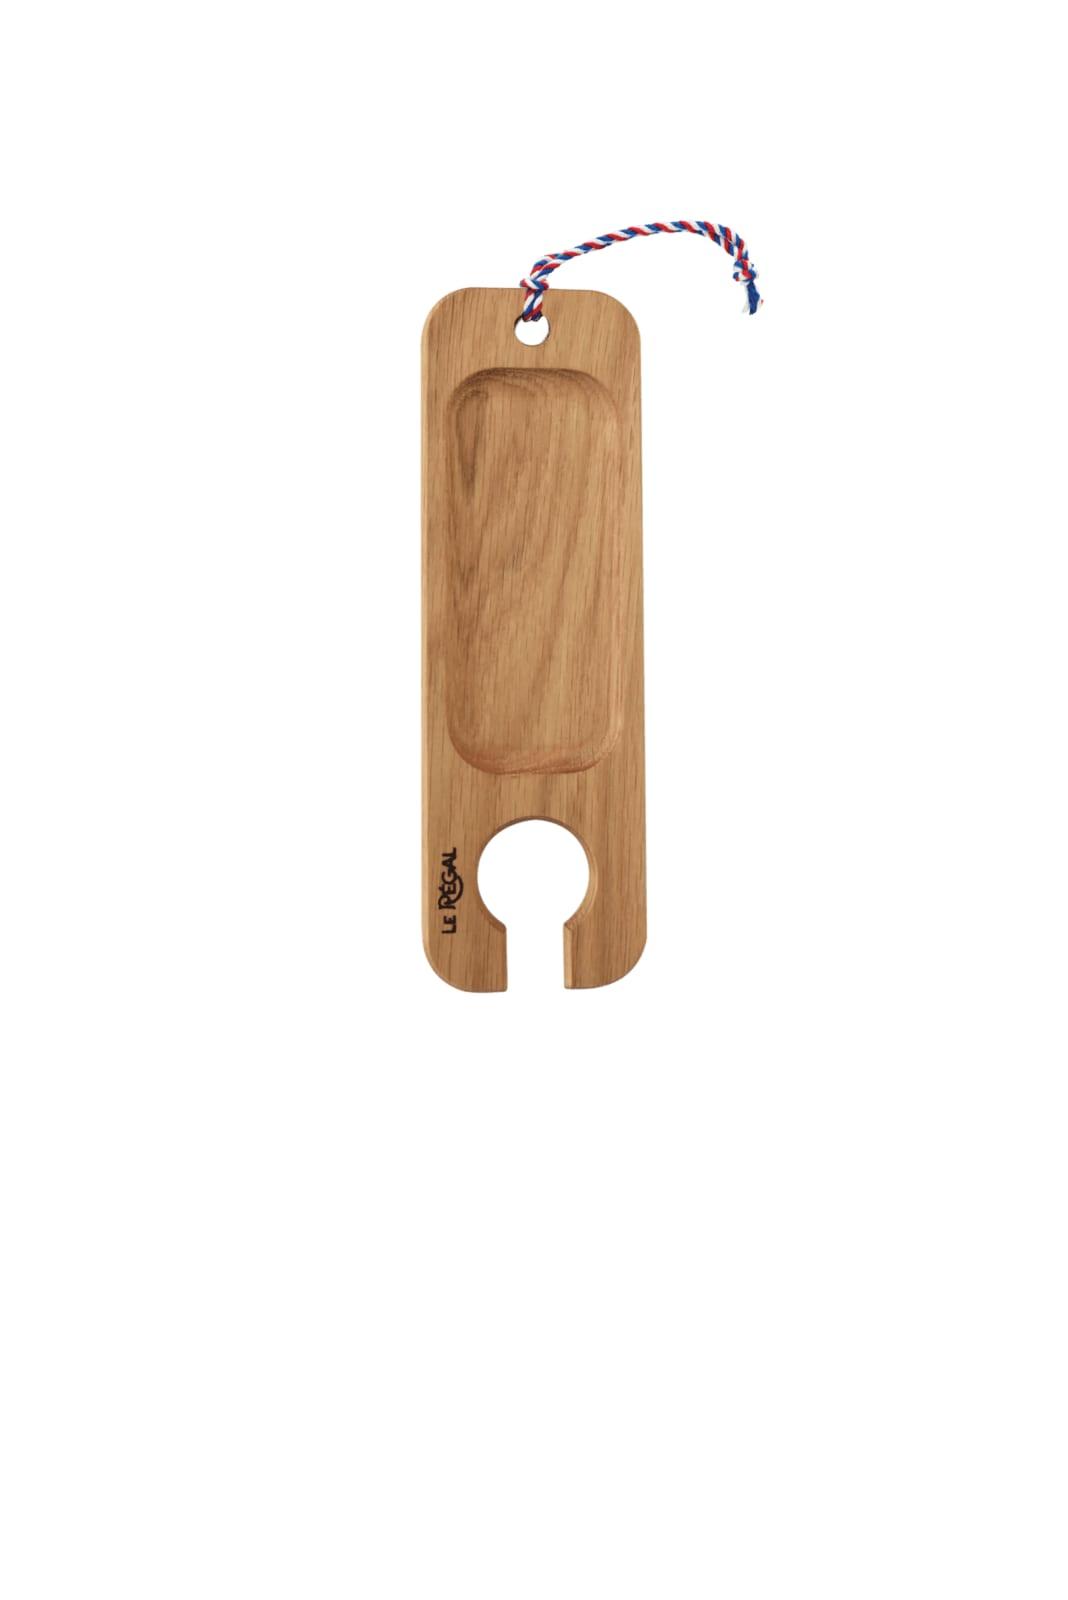 Planche apéro porte verre de vin en chêne 25x8cm